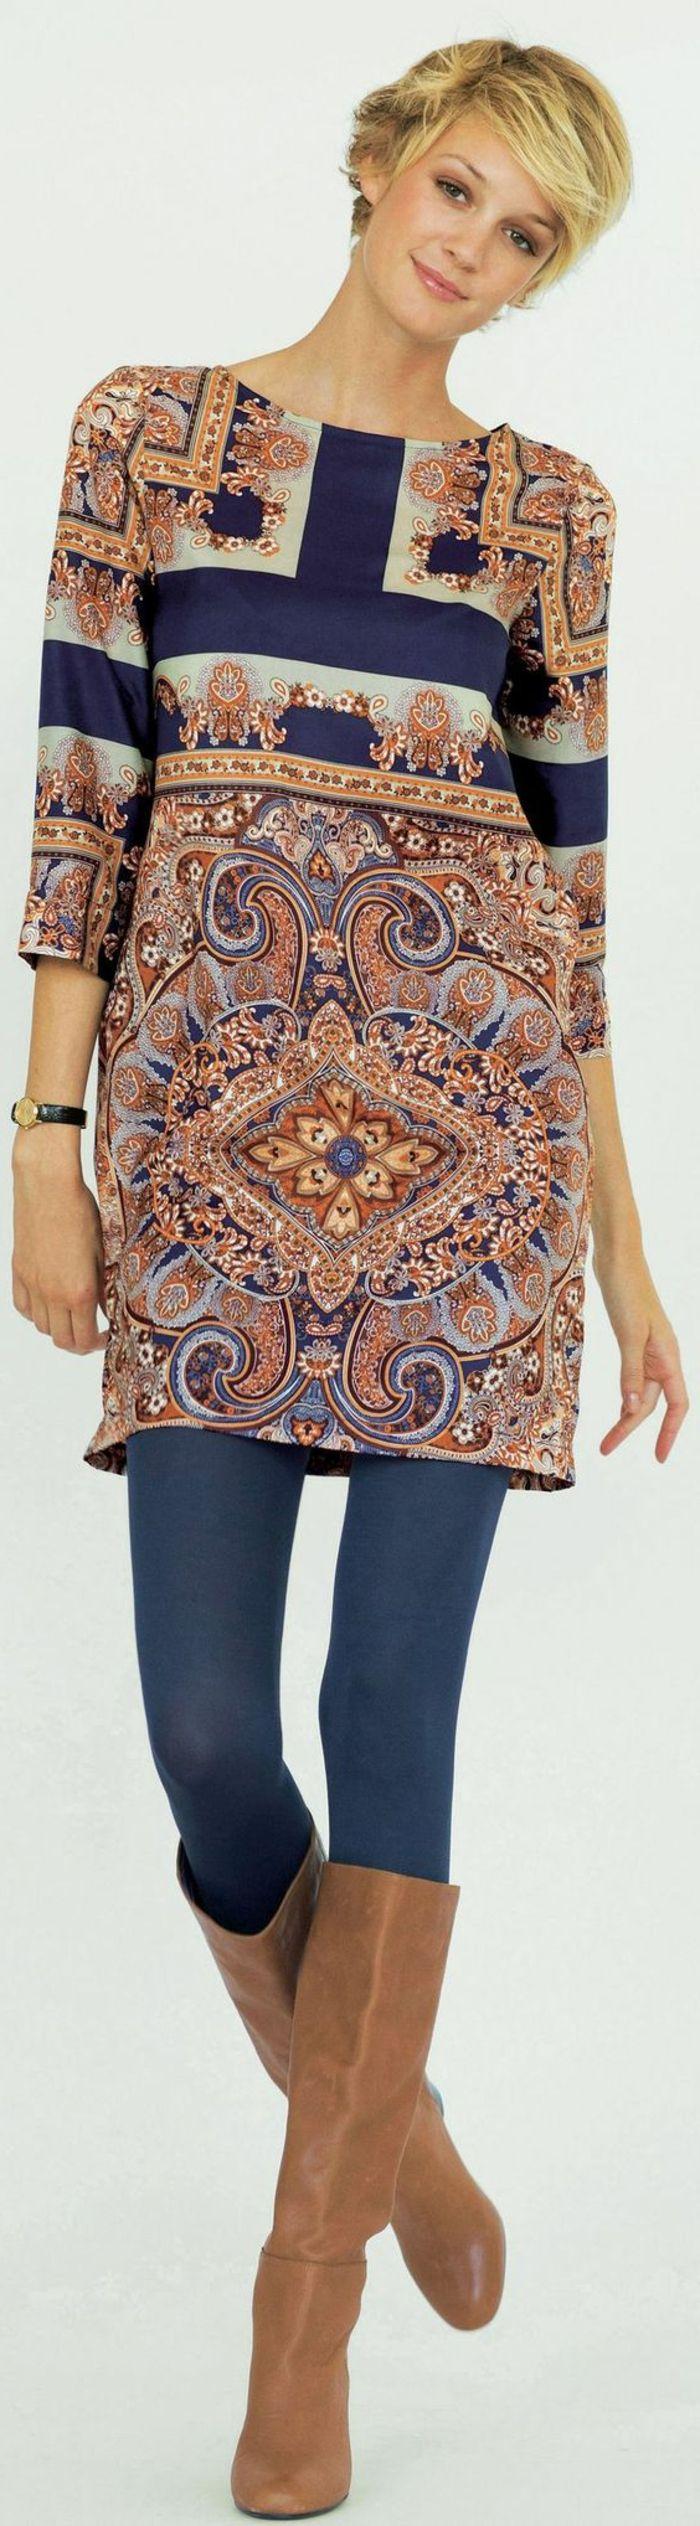 tunique ethnique élégante, motifs floraux, collant bleu, bottes couleur marron